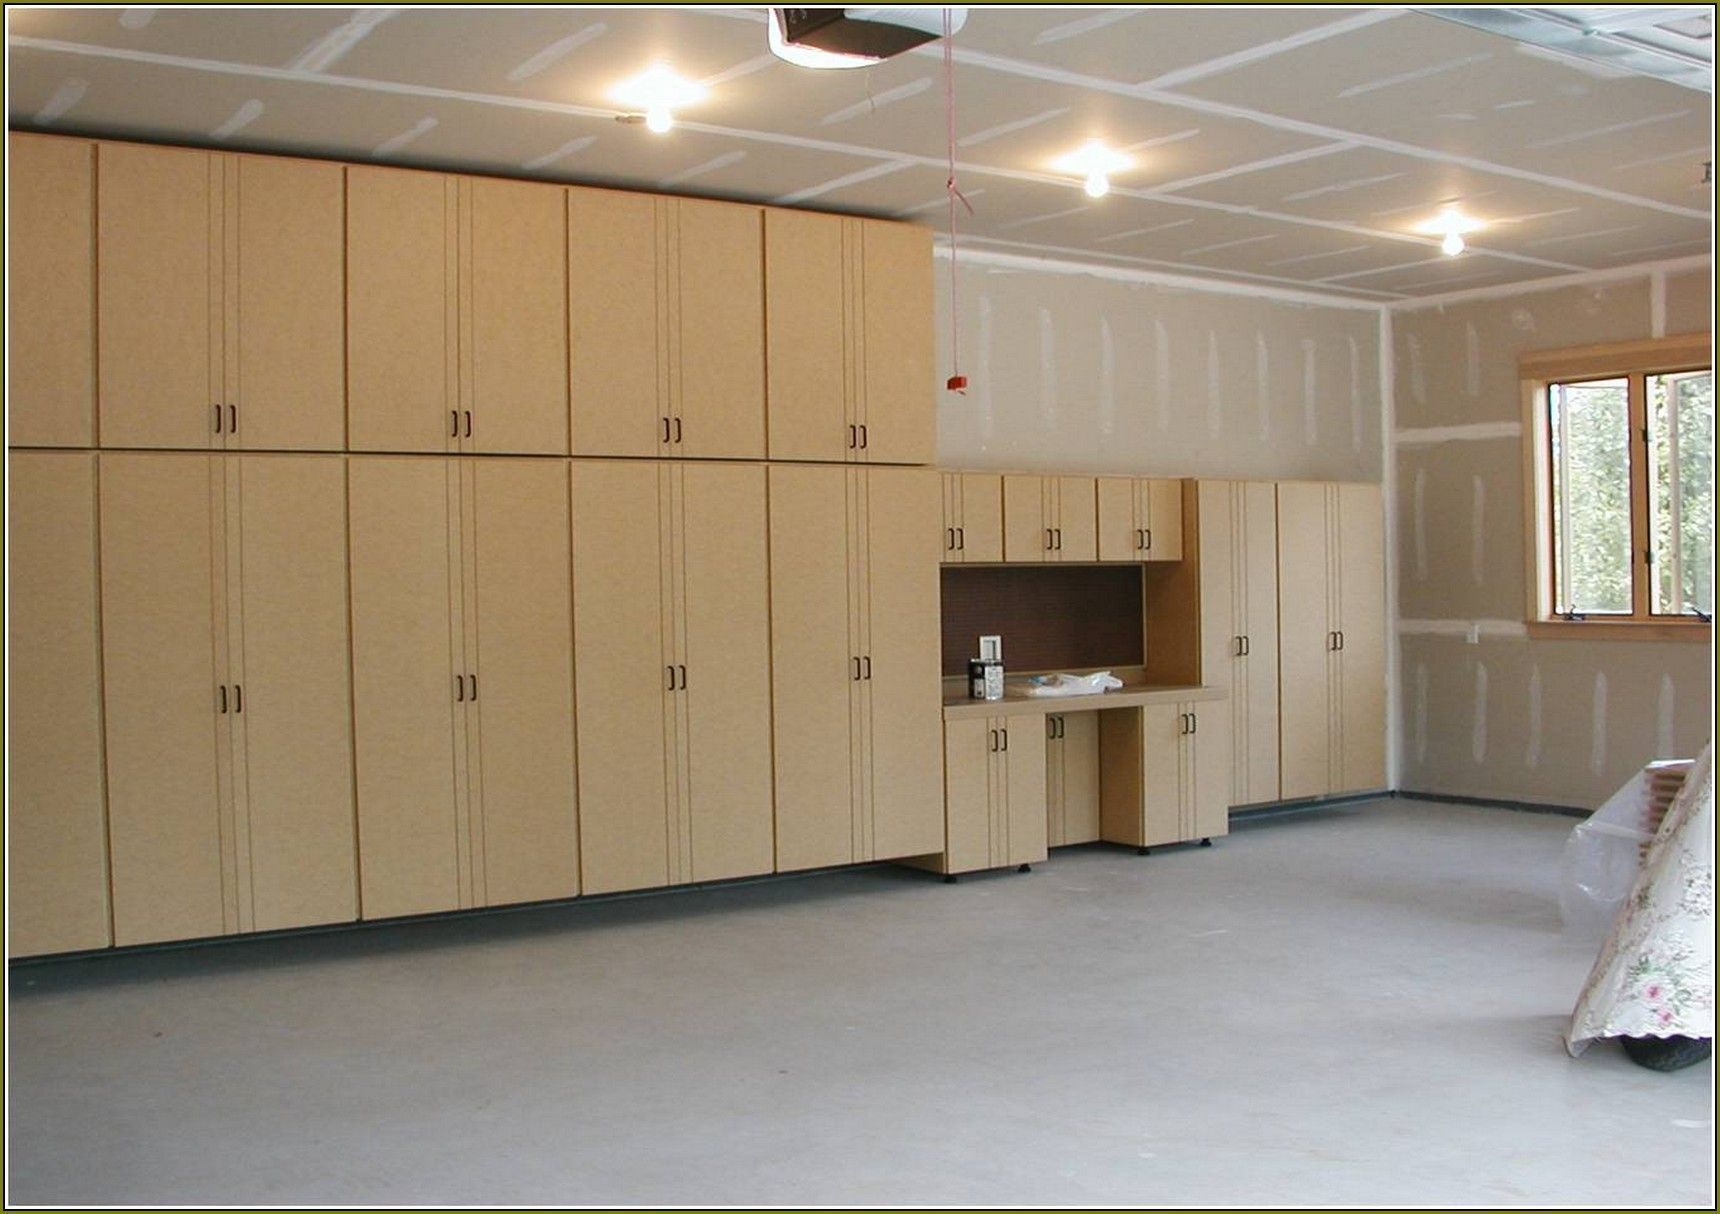 Diy garage cabinets to make your garage look cooler garage ideas